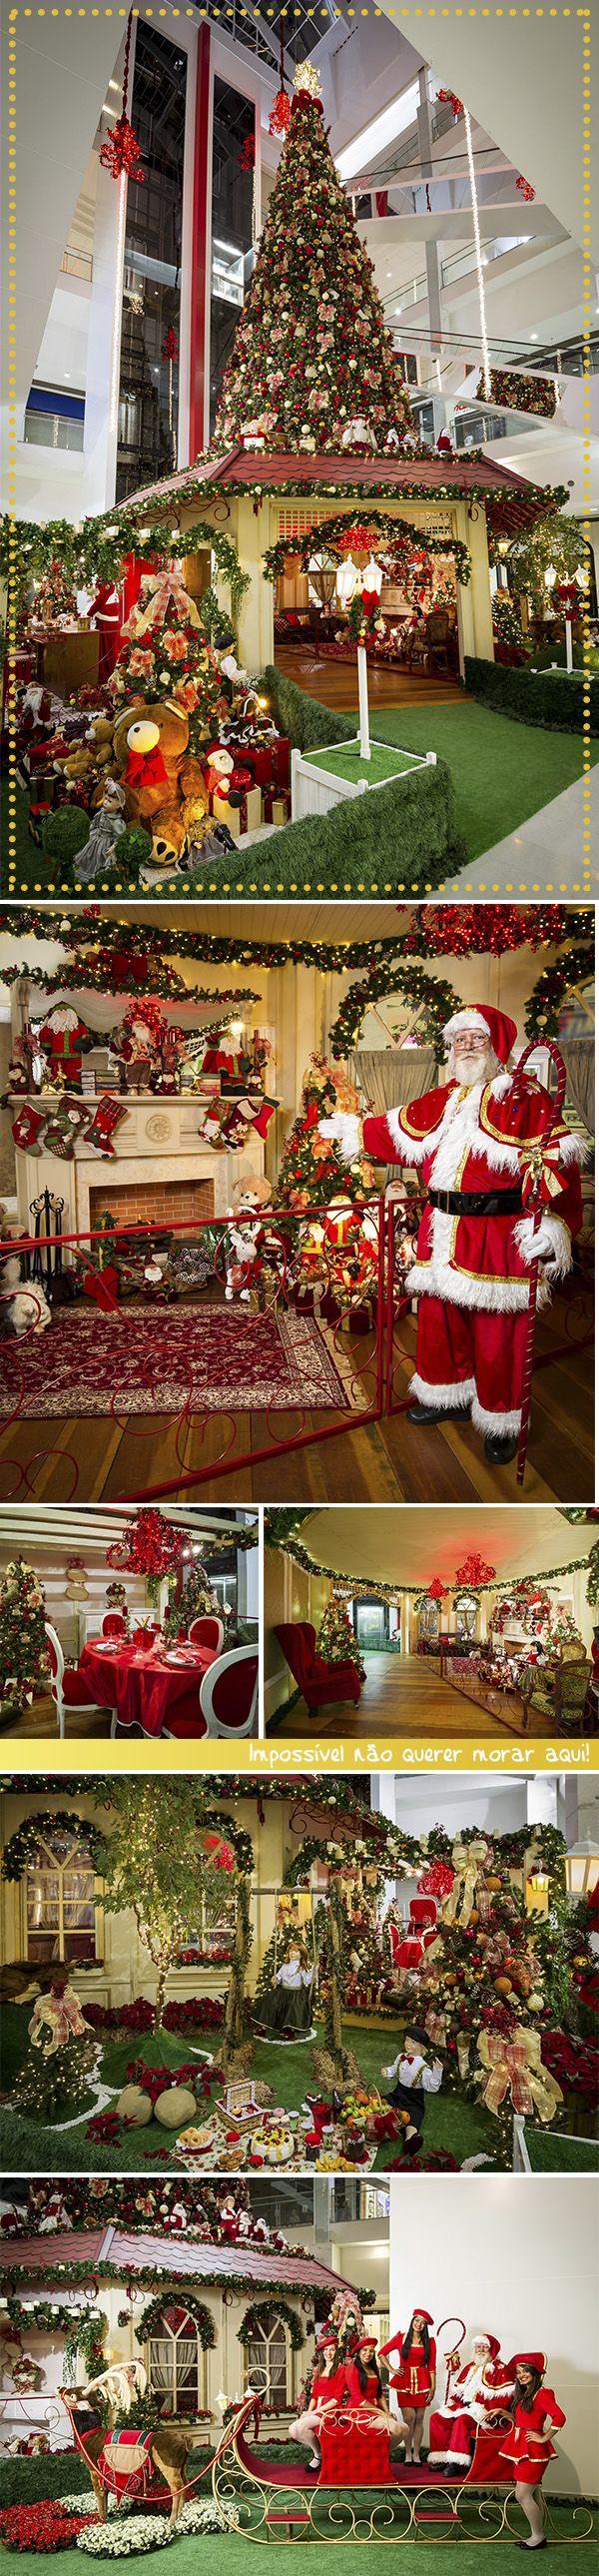 Sabiam que a casa do Papai Noel está aqui no Taguatinga Shopping? ♥